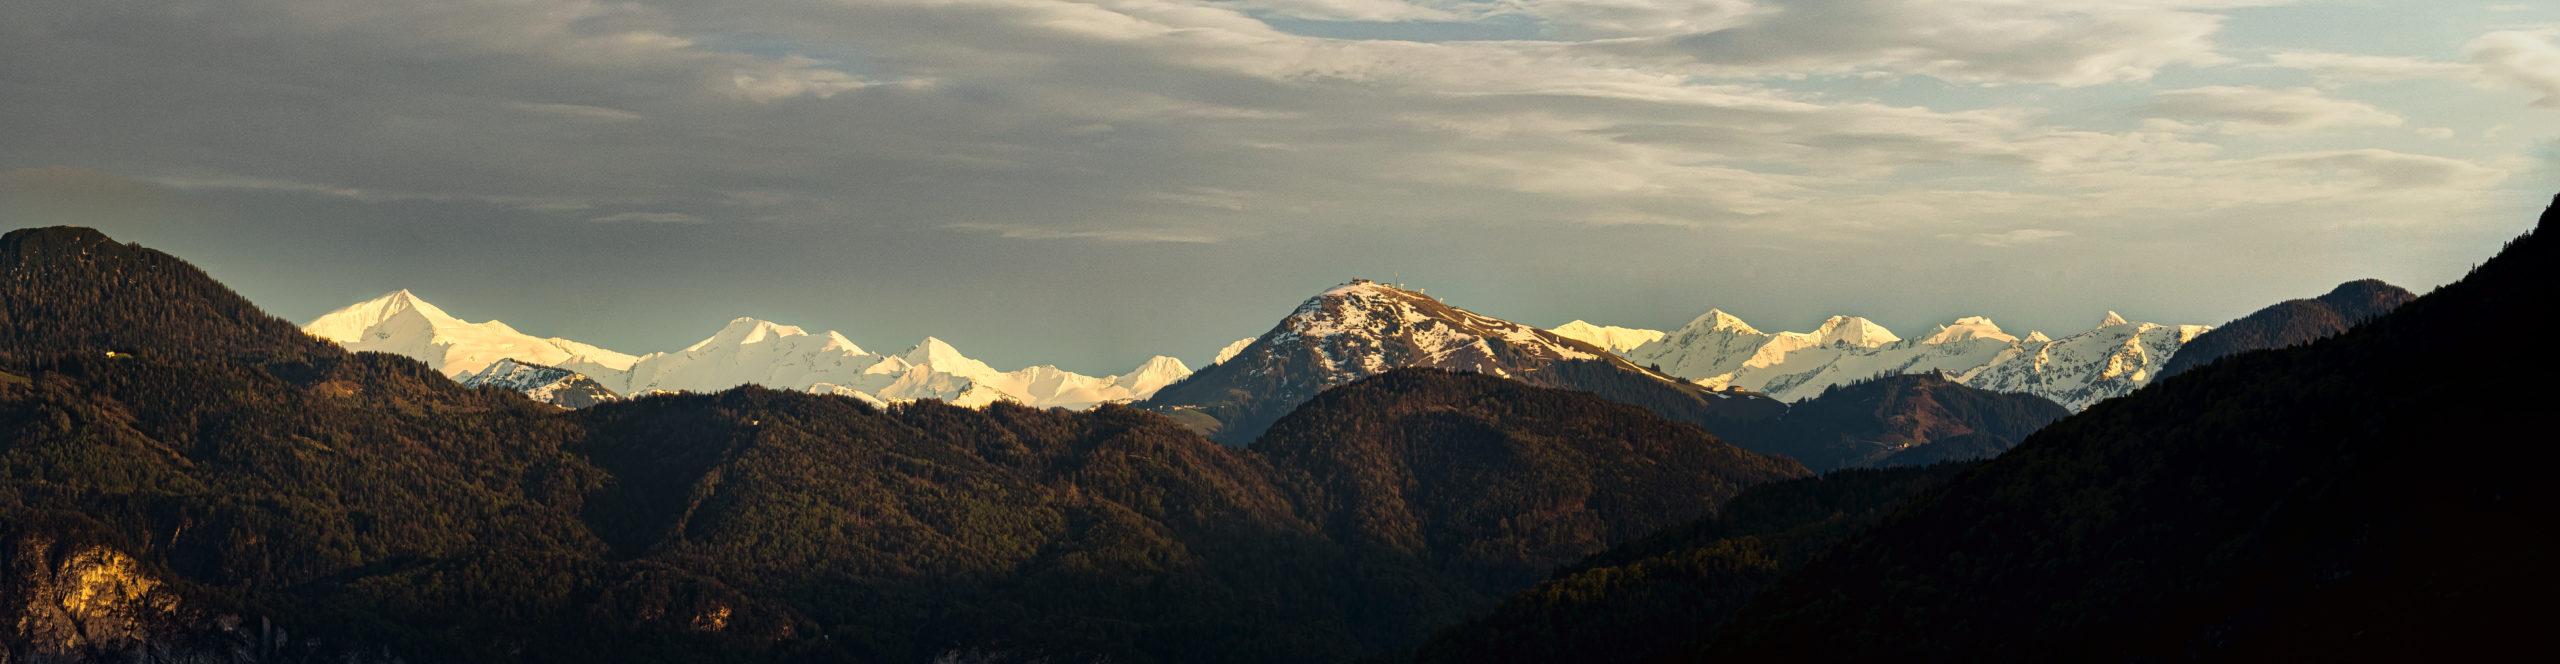 Gleißendes Abendlicht auf Schneebedeckte Berge